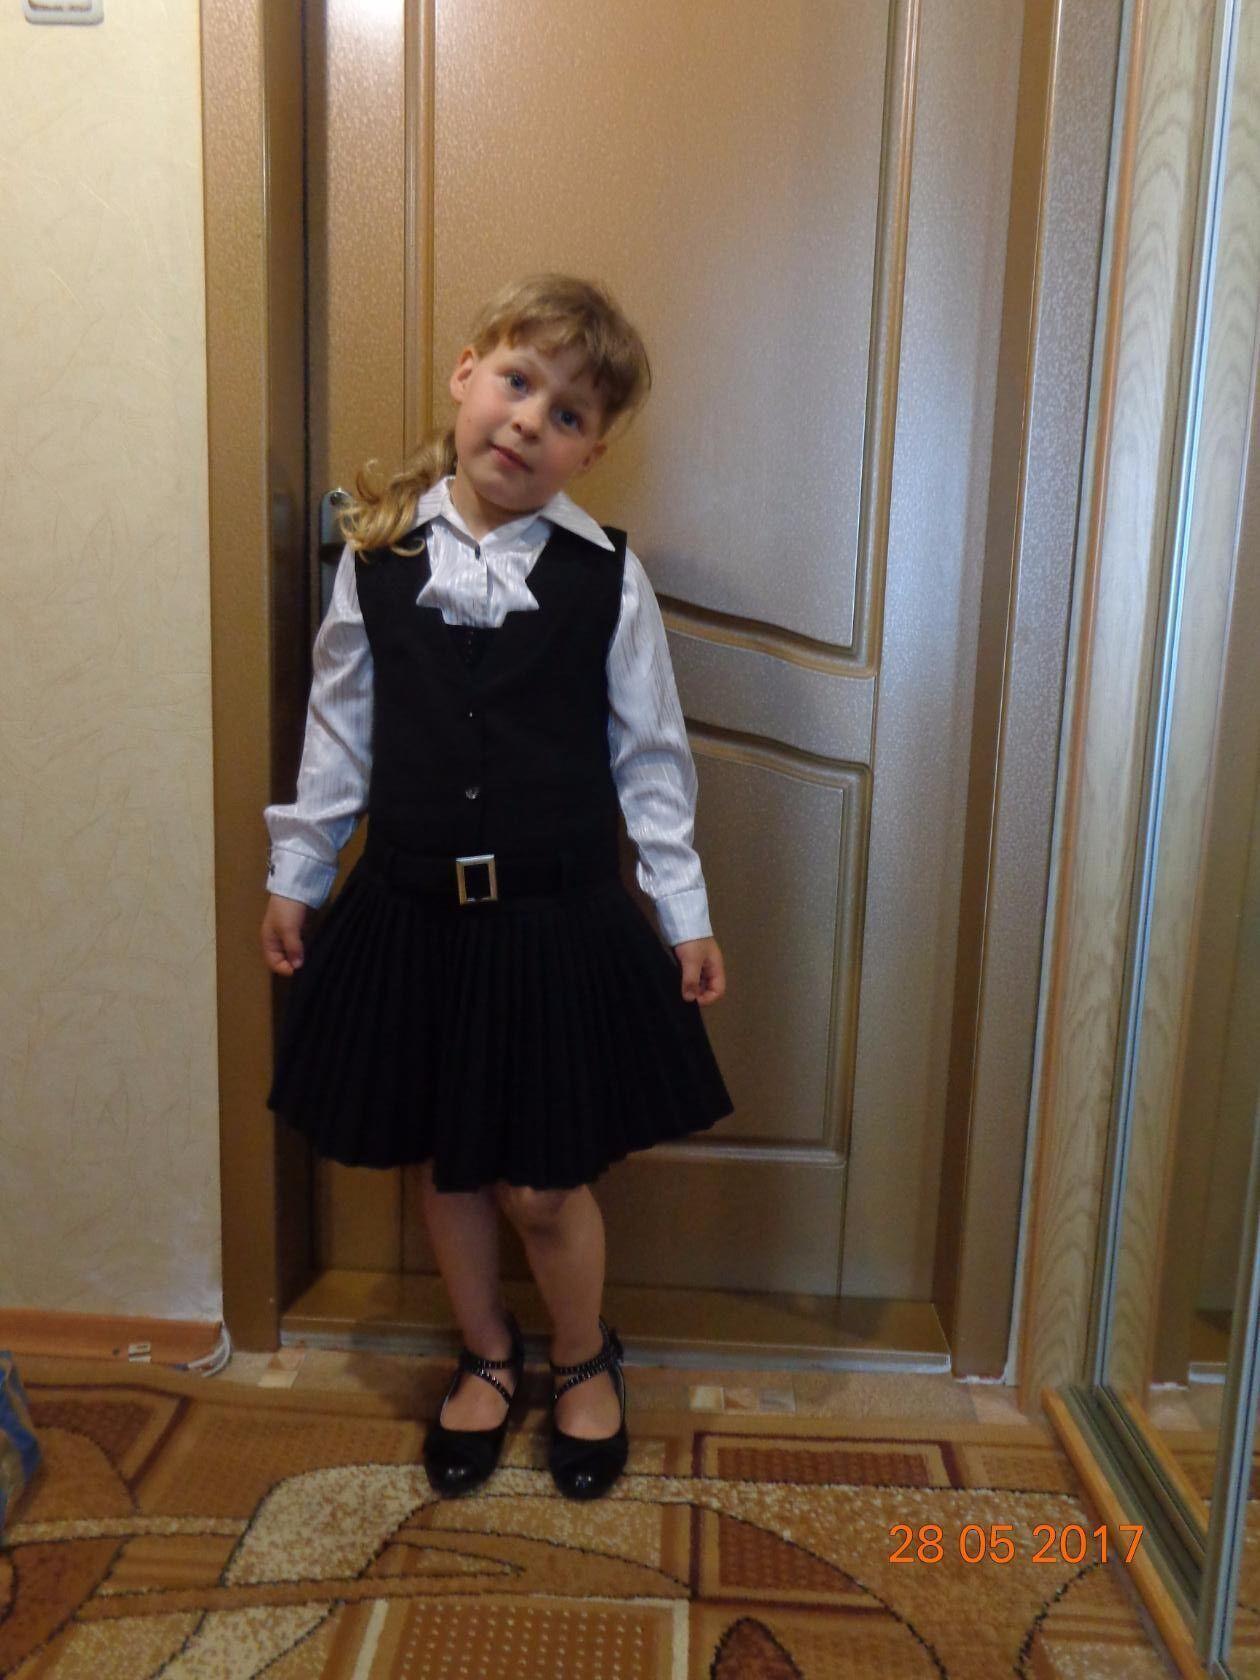 Аня отправляется в школу